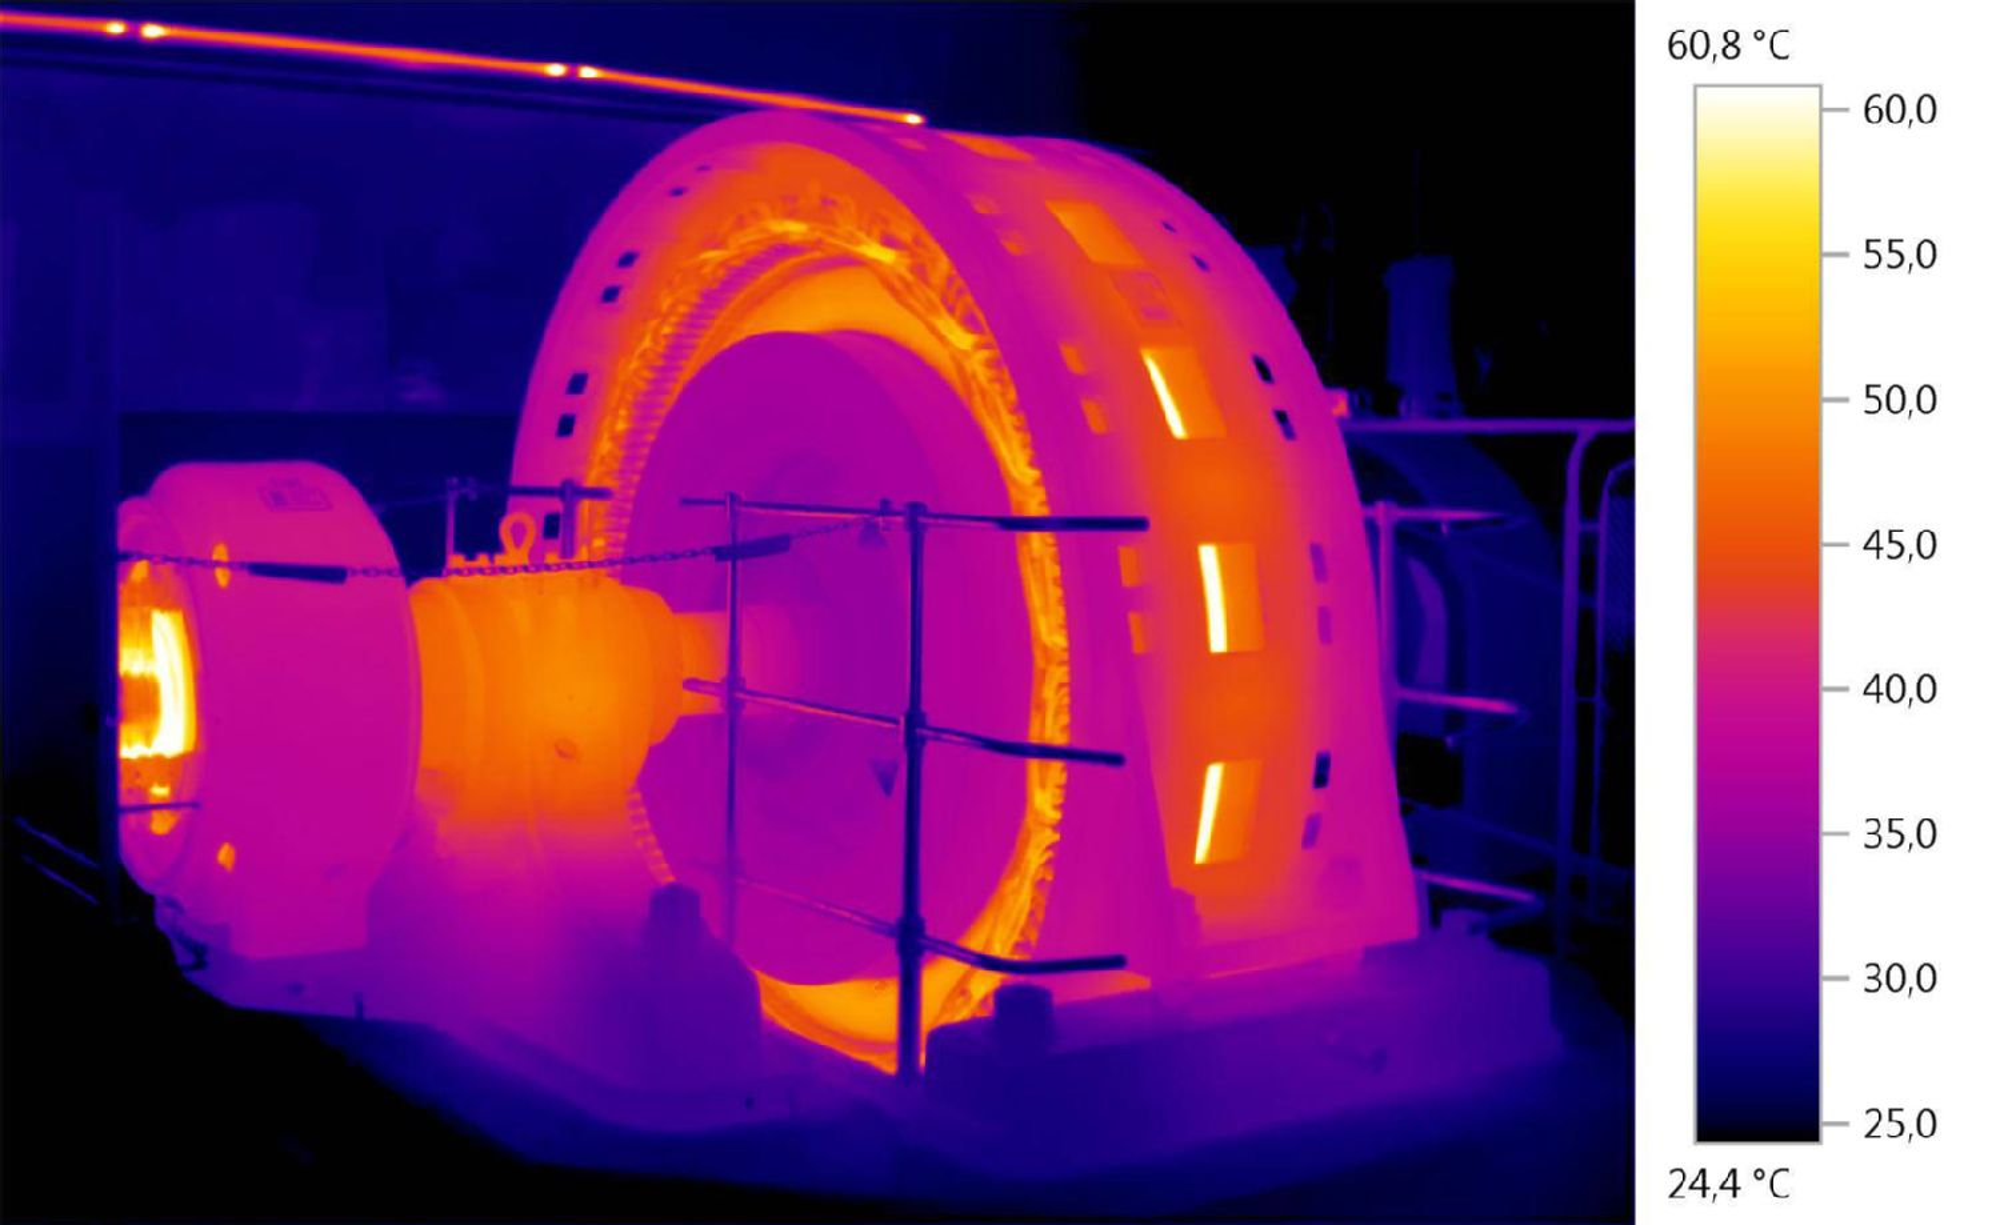 Imagem térmica geração de energia